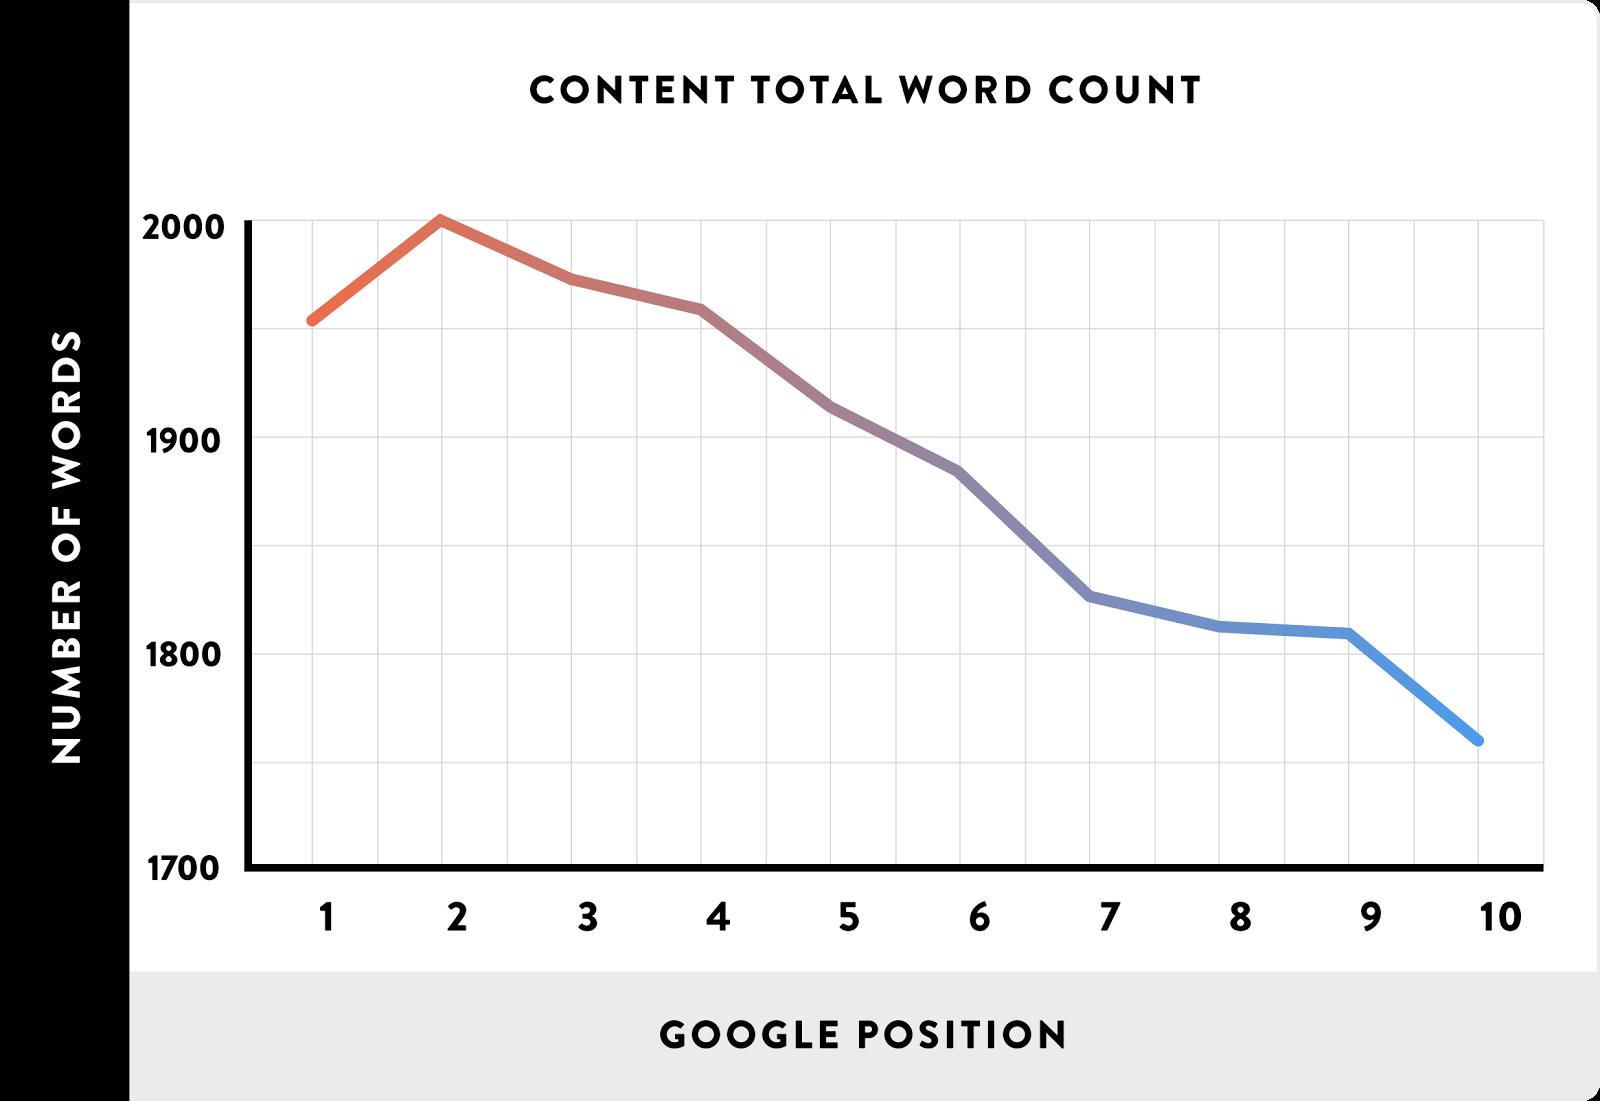 آموزش تولید محتوا - تاثیر تعداد کلمات در افزایش رتبه سایت